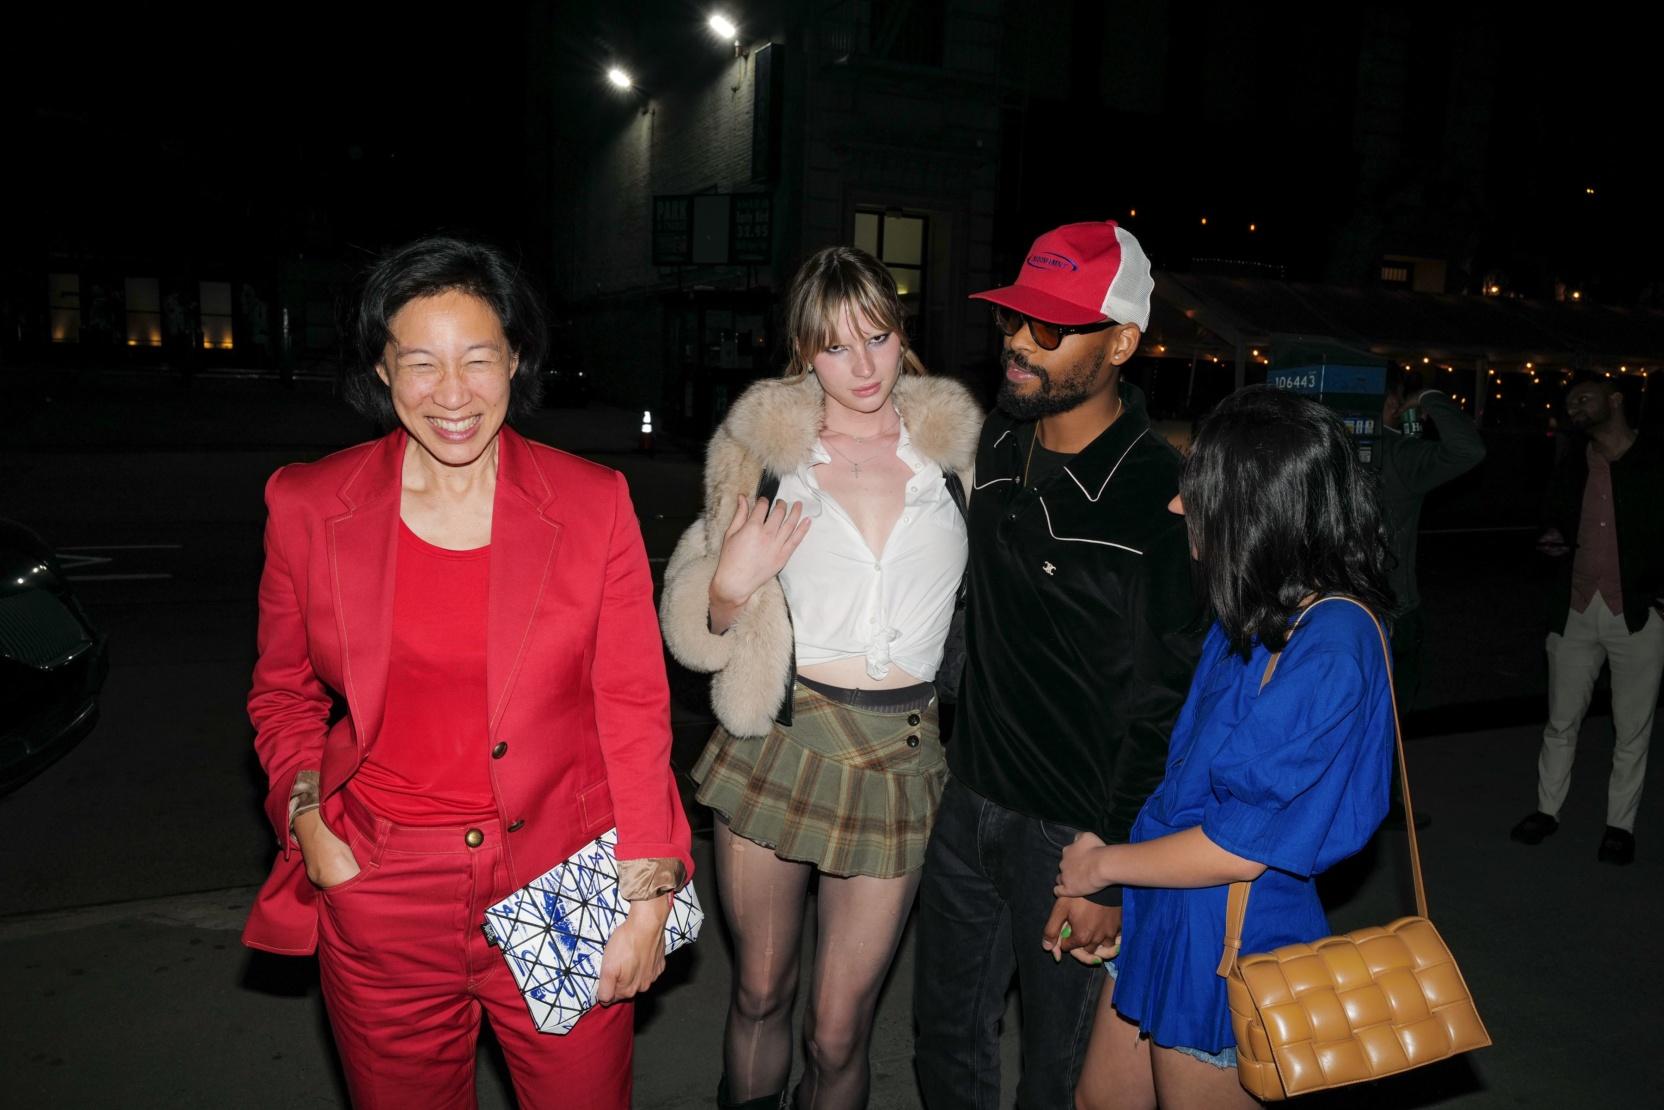 Karen Wong, Marcus Jahmal and Alexandra Rashuan. Photography by David X. Prutting/BFA.com.